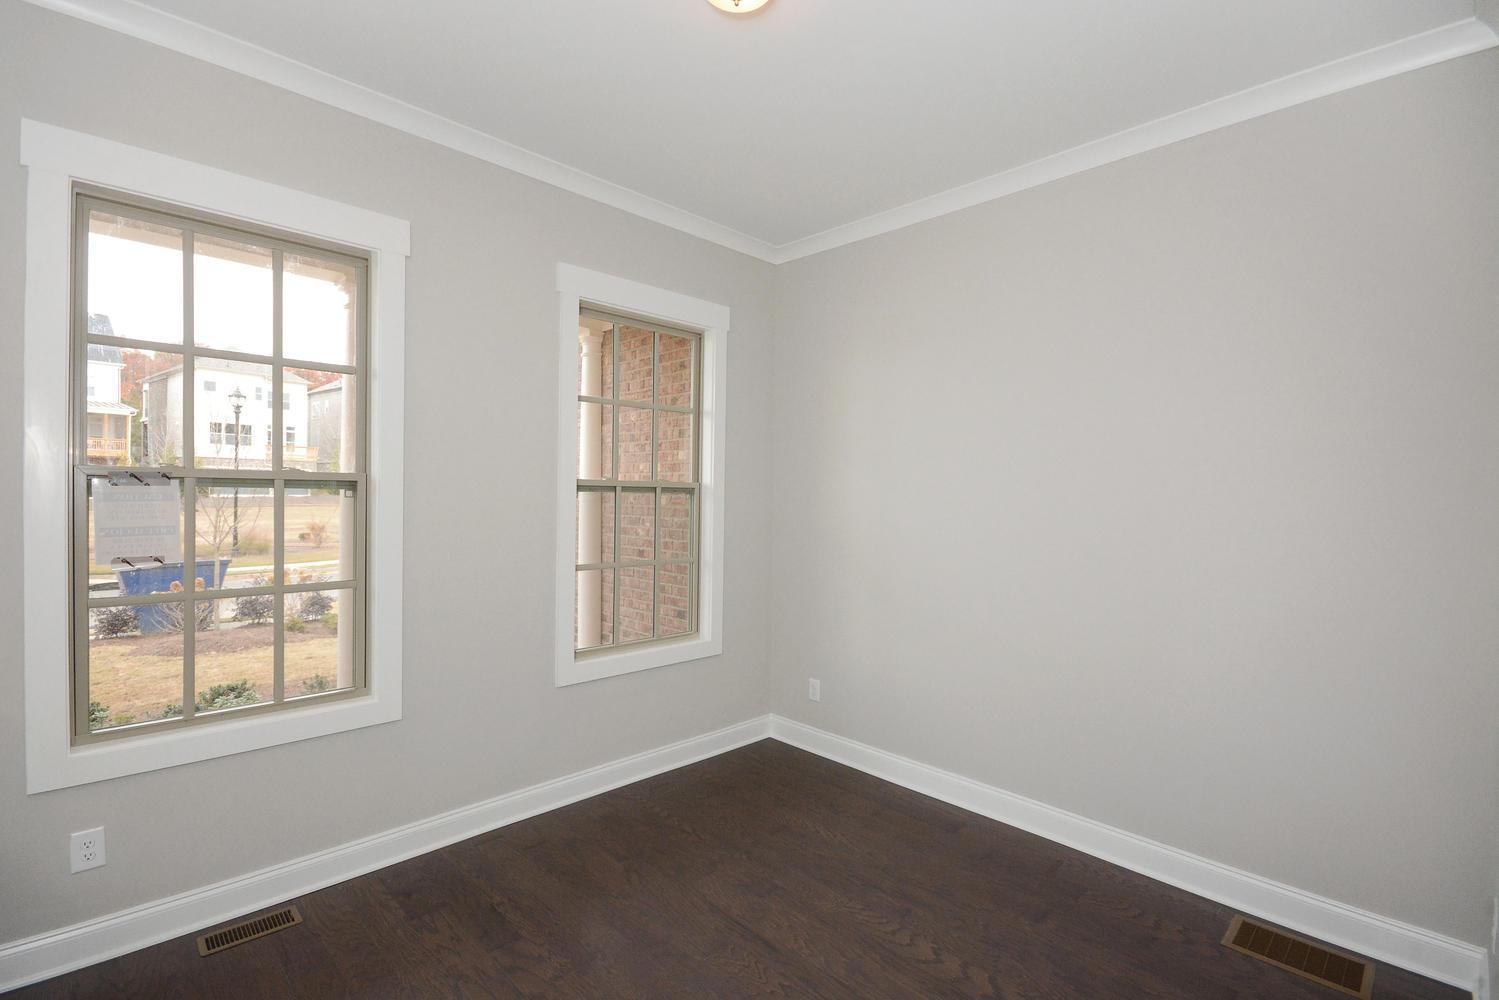 Dunes West Homes For Sale - 2919 Eddy, Mount Pleasant, SC - 6